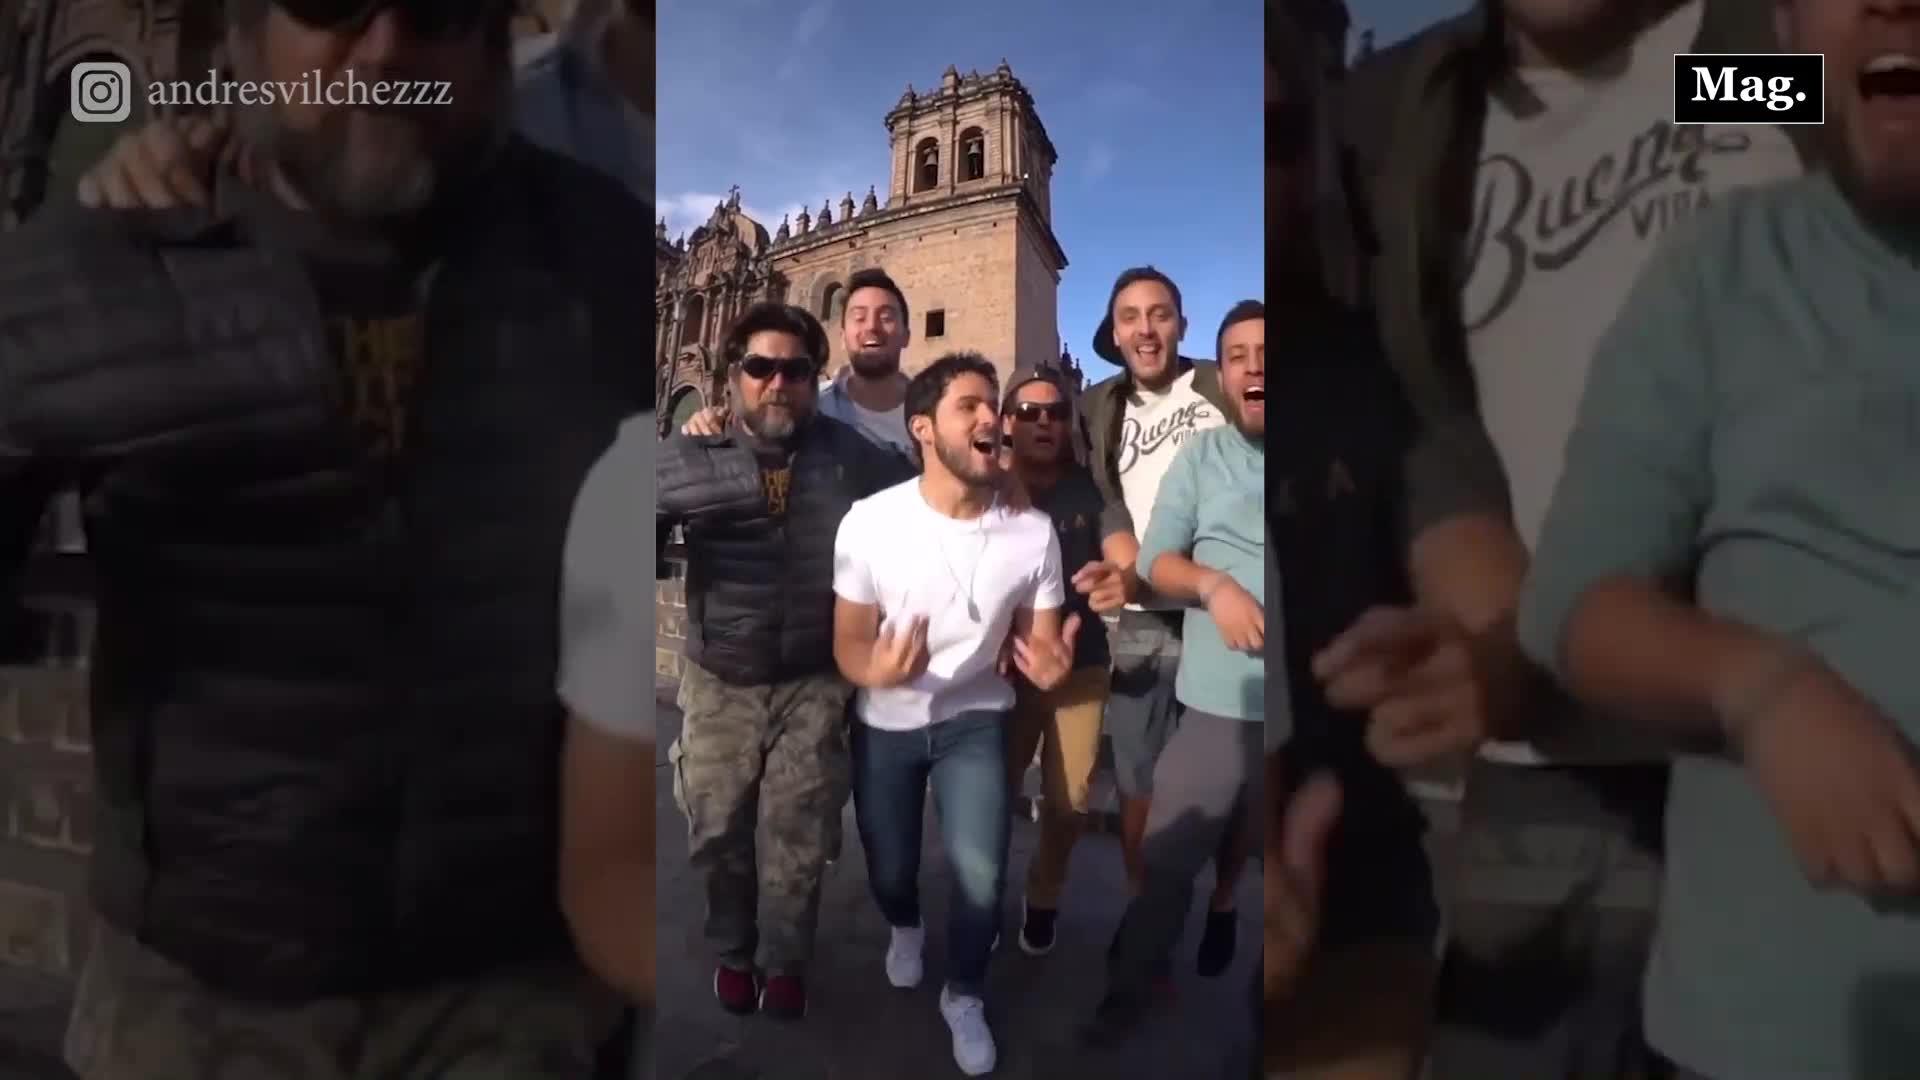 Andrés Vílchez y sus amigos sorprenden al bailar Tusa en Cusco